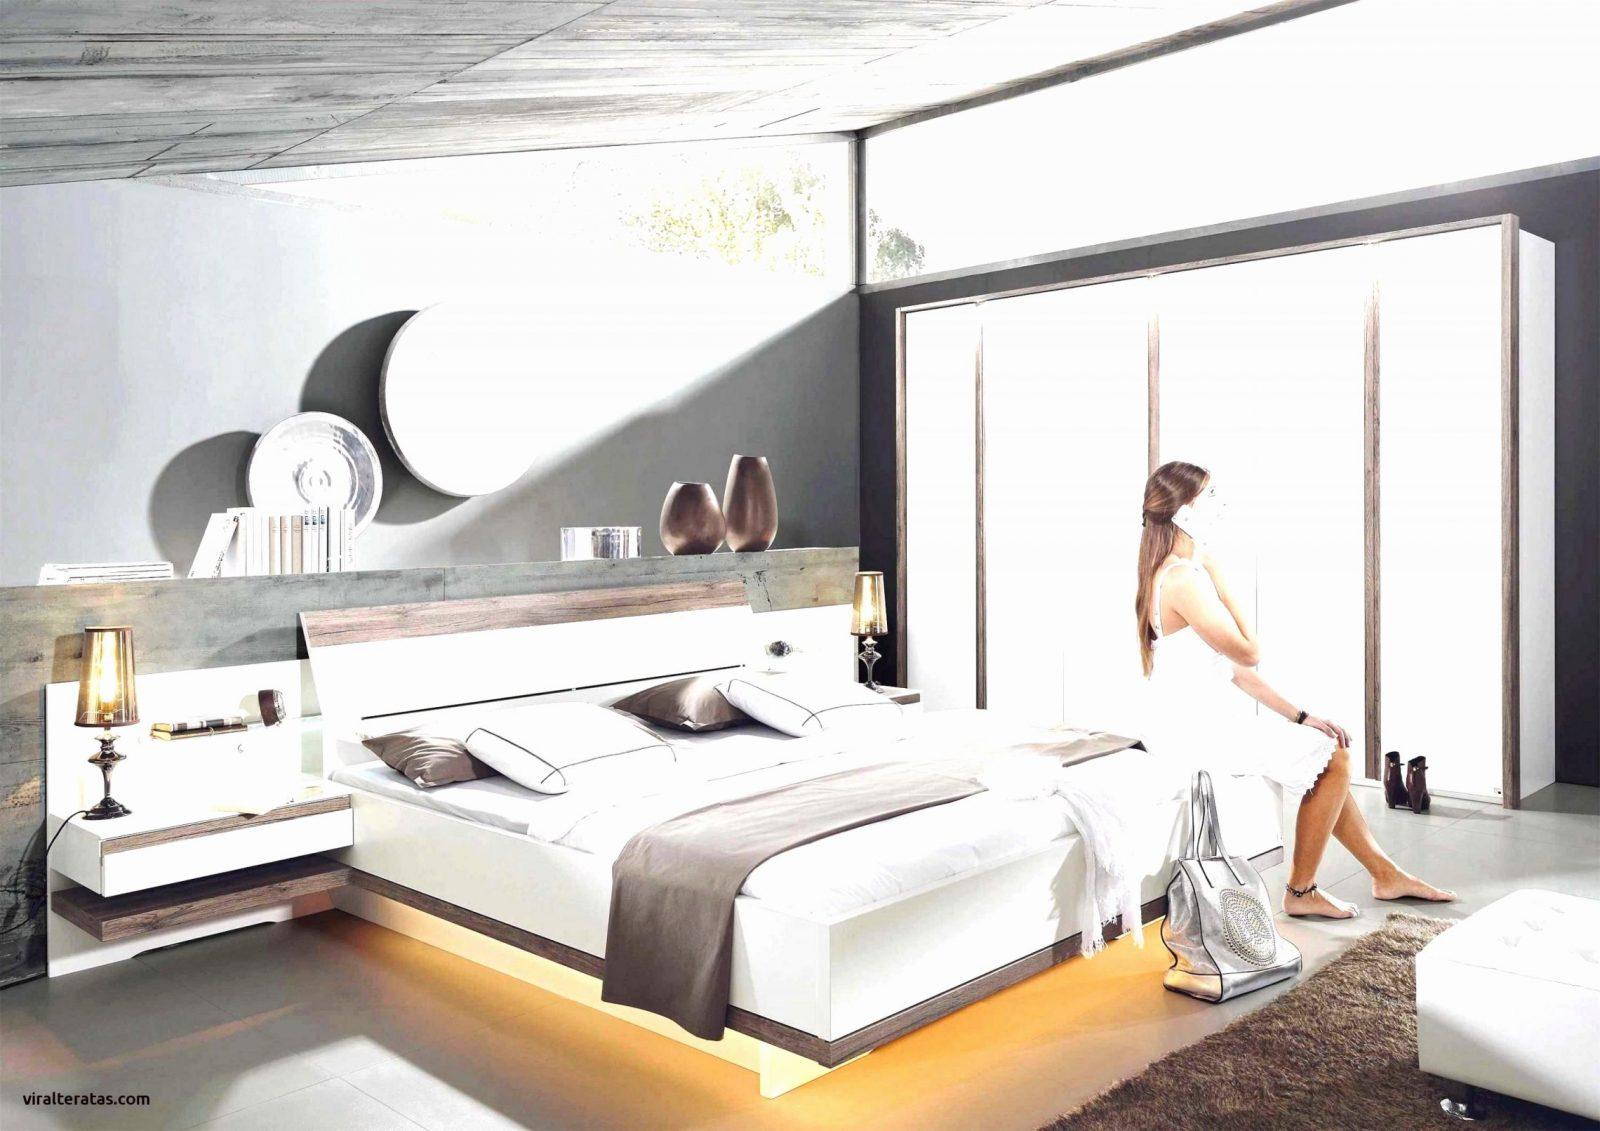 Wandgestaltung Schlafzimmer Selber Machen Luxus  Grundrisse von Wandgestaltung Schlafzimmer Selber Machen Bild